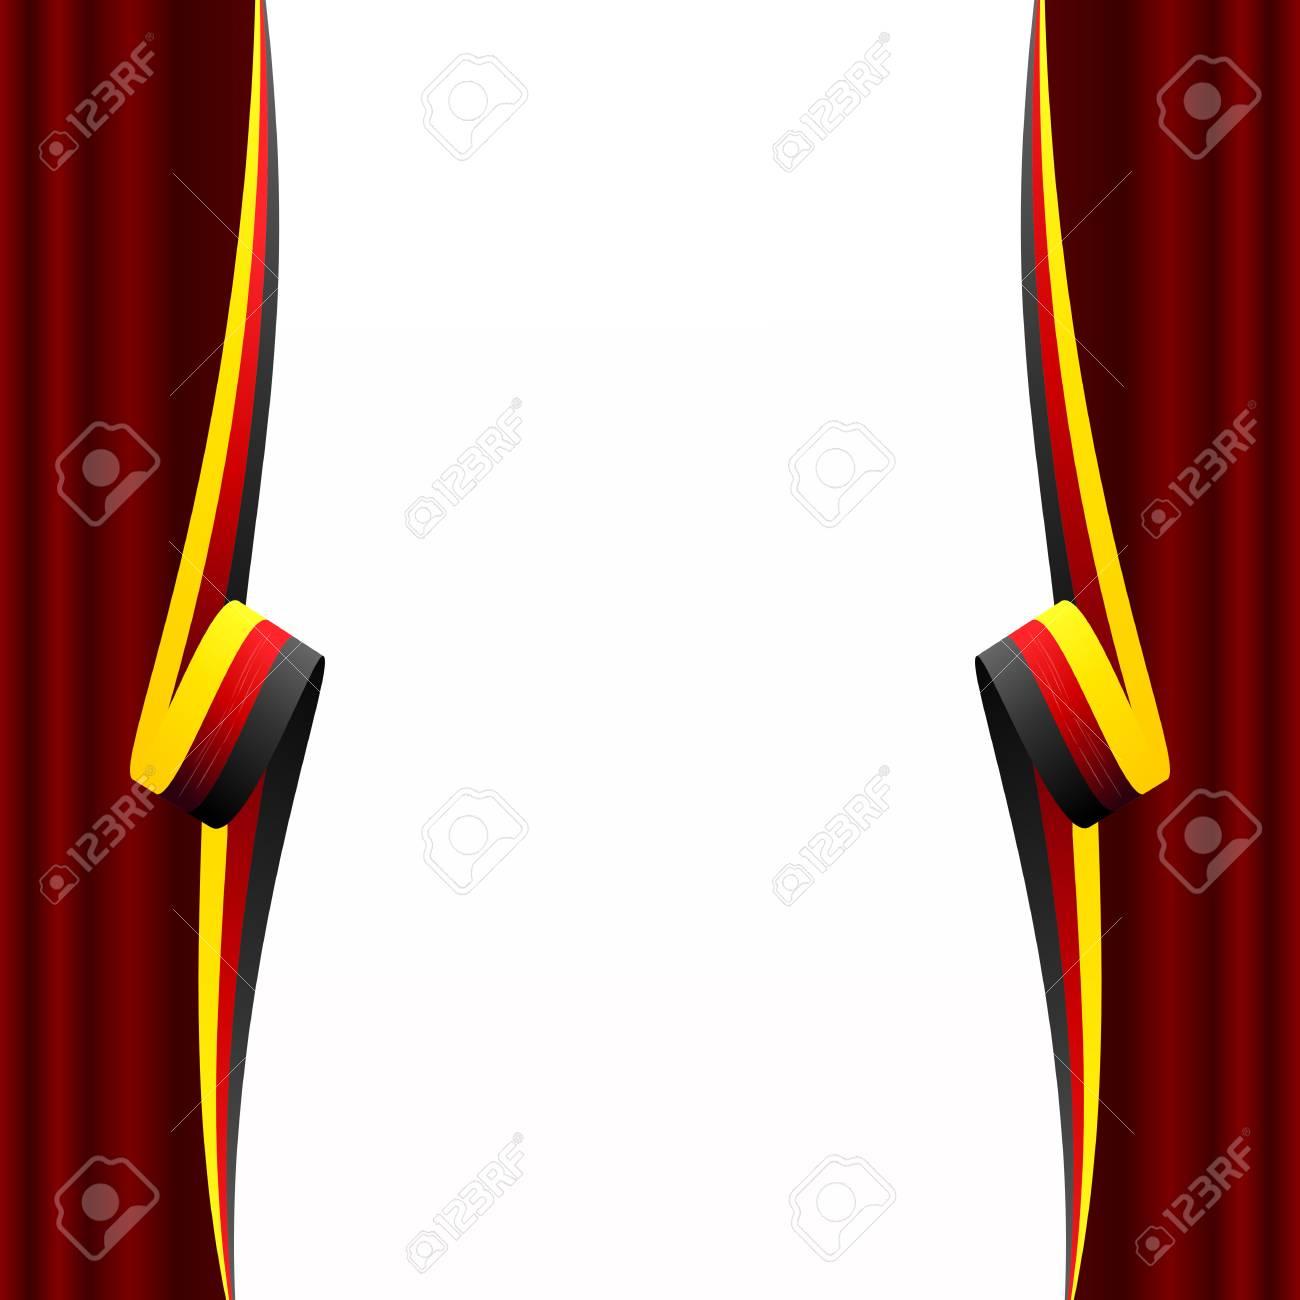 Abstract Duitse Gordijn Vlag Geïsoleerd Op Witte Achtergrond Royalty ...